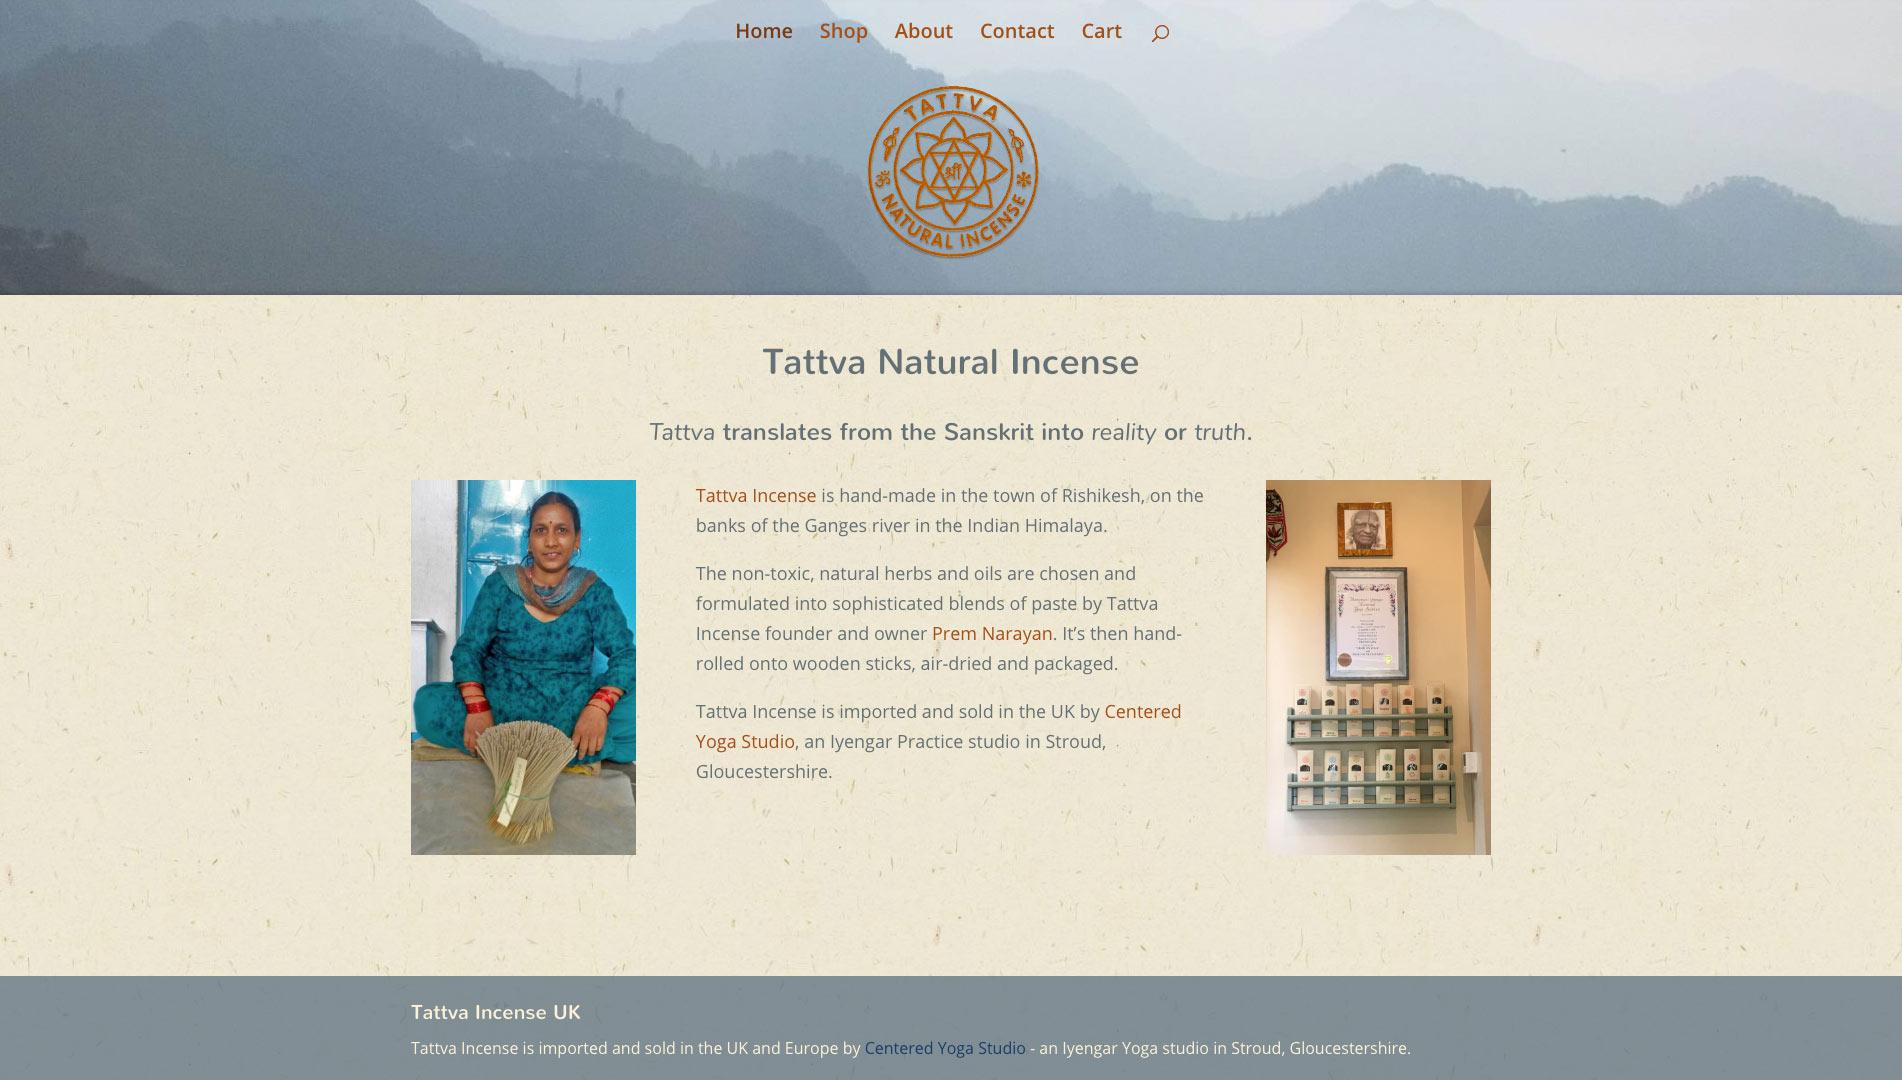 Tattva Incense